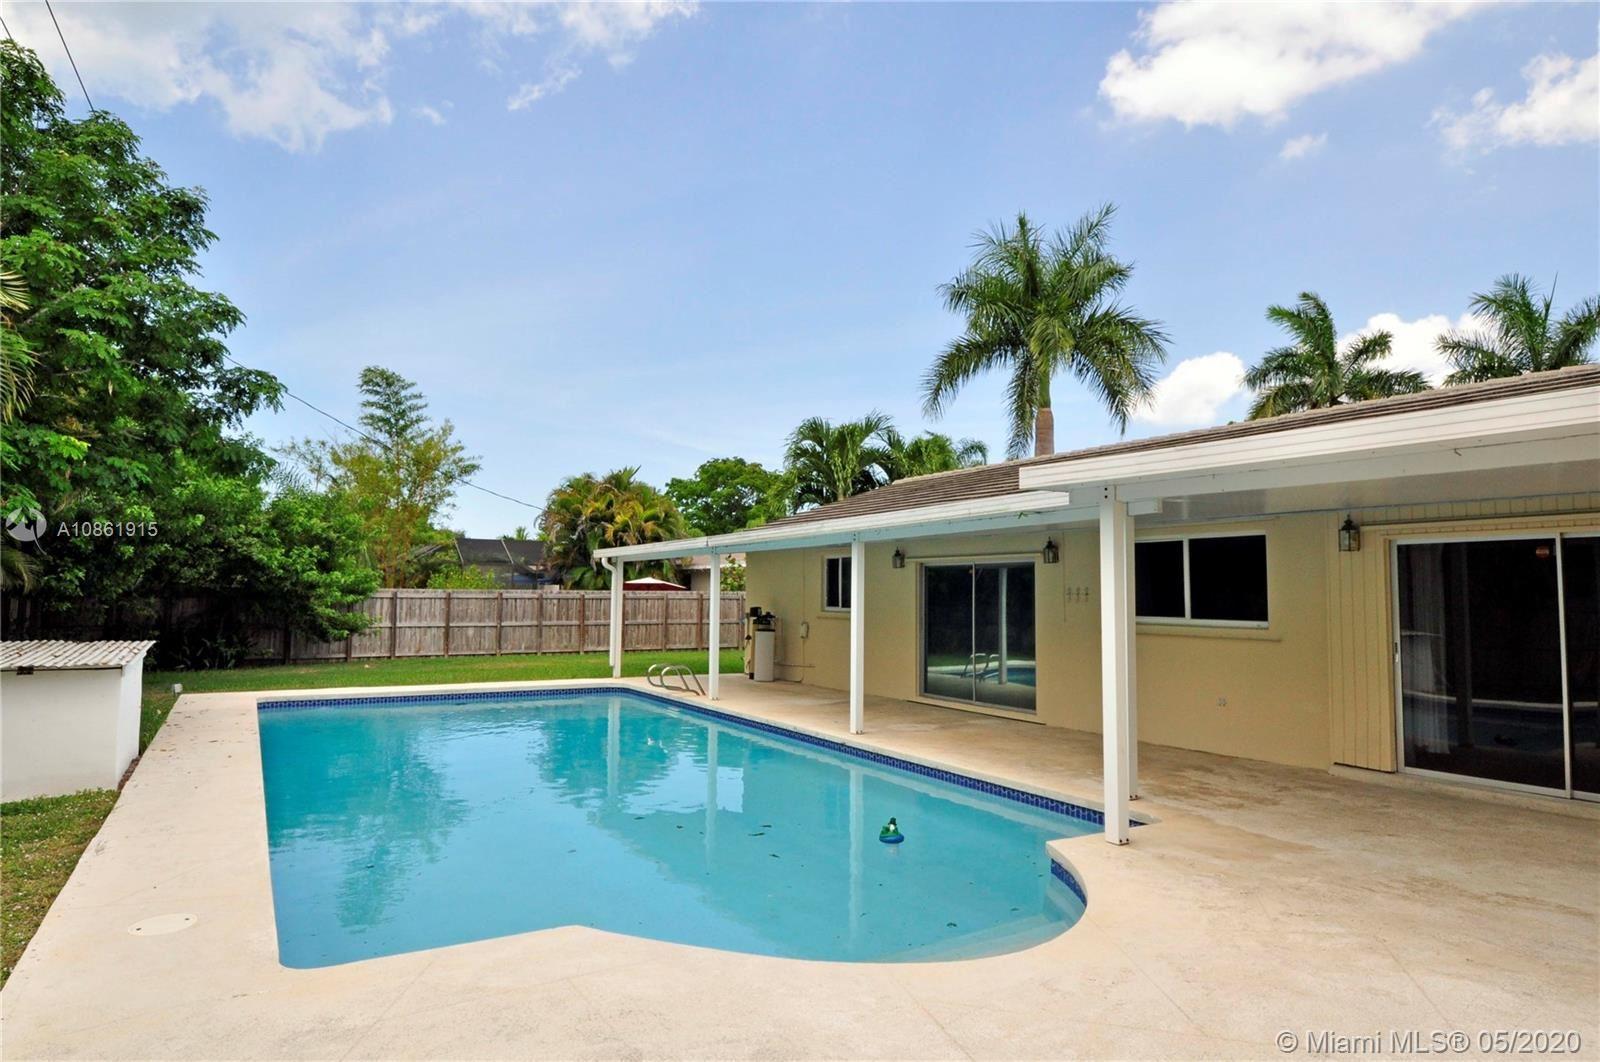 8815 SW 160th St, Palmetto Bay, FL 33157 - #: A10861915